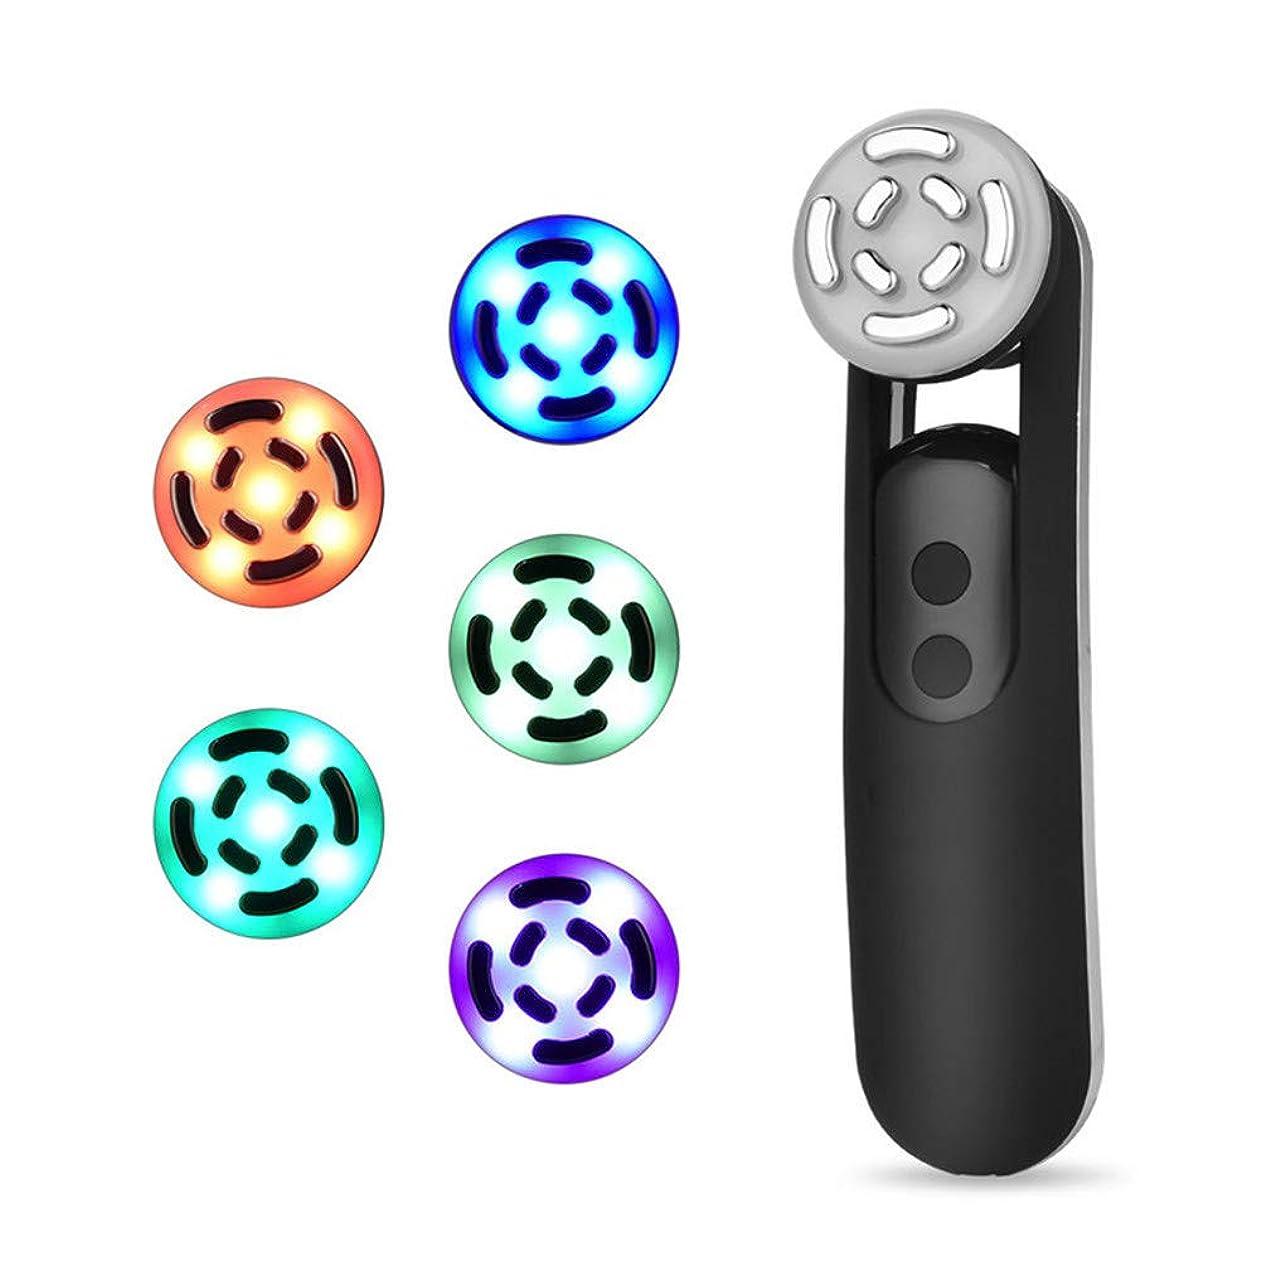 機関対人鎮痛剤フェイシャルマッサージイオンフェイシャルクレンジングアンチエイジングファーミングスキンマイクロショックテクノロジー5色LEDライト若返りしわ美容機器,Black